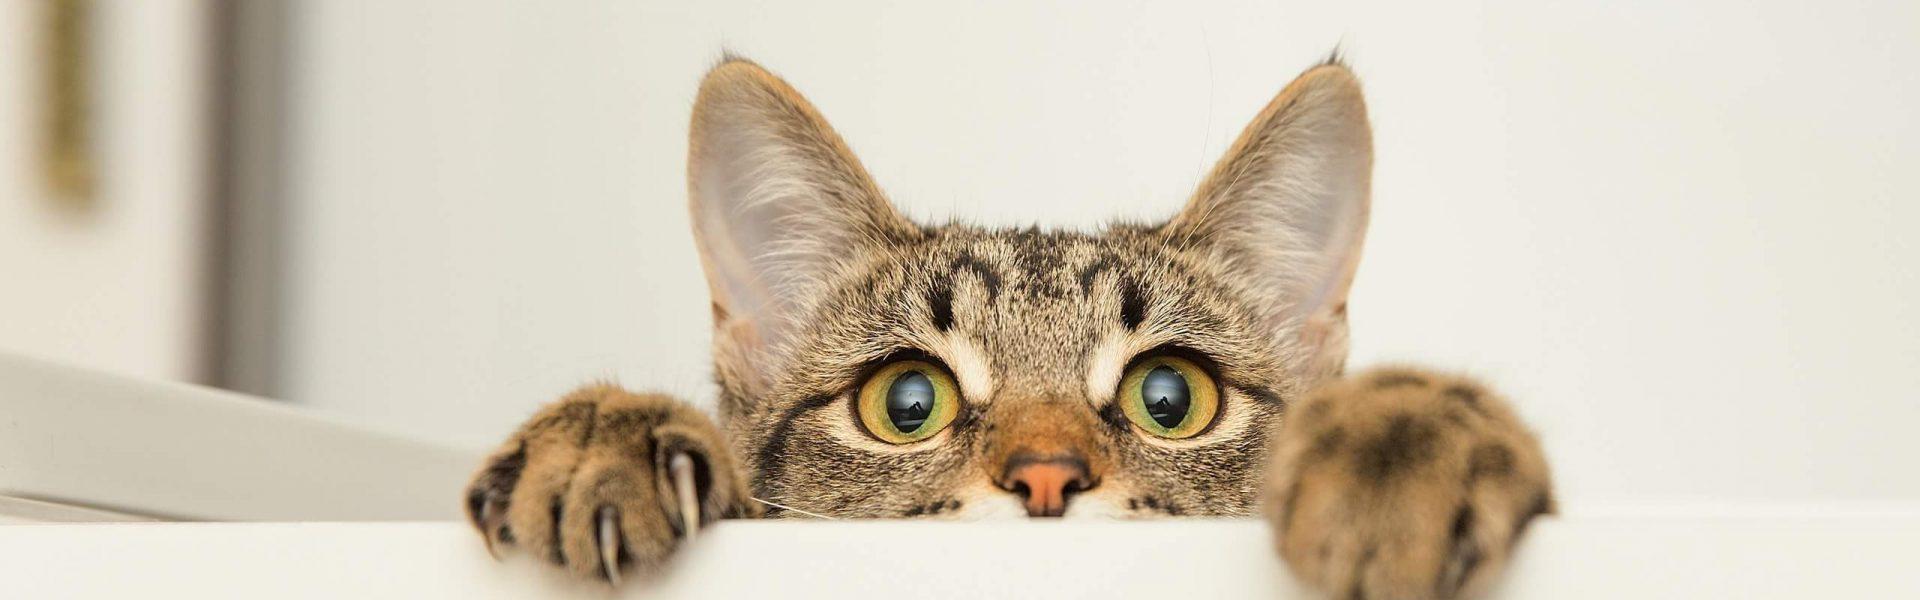 7 Elements A Prendre En Compte Avant D Adopter Un Chat Cat S Best